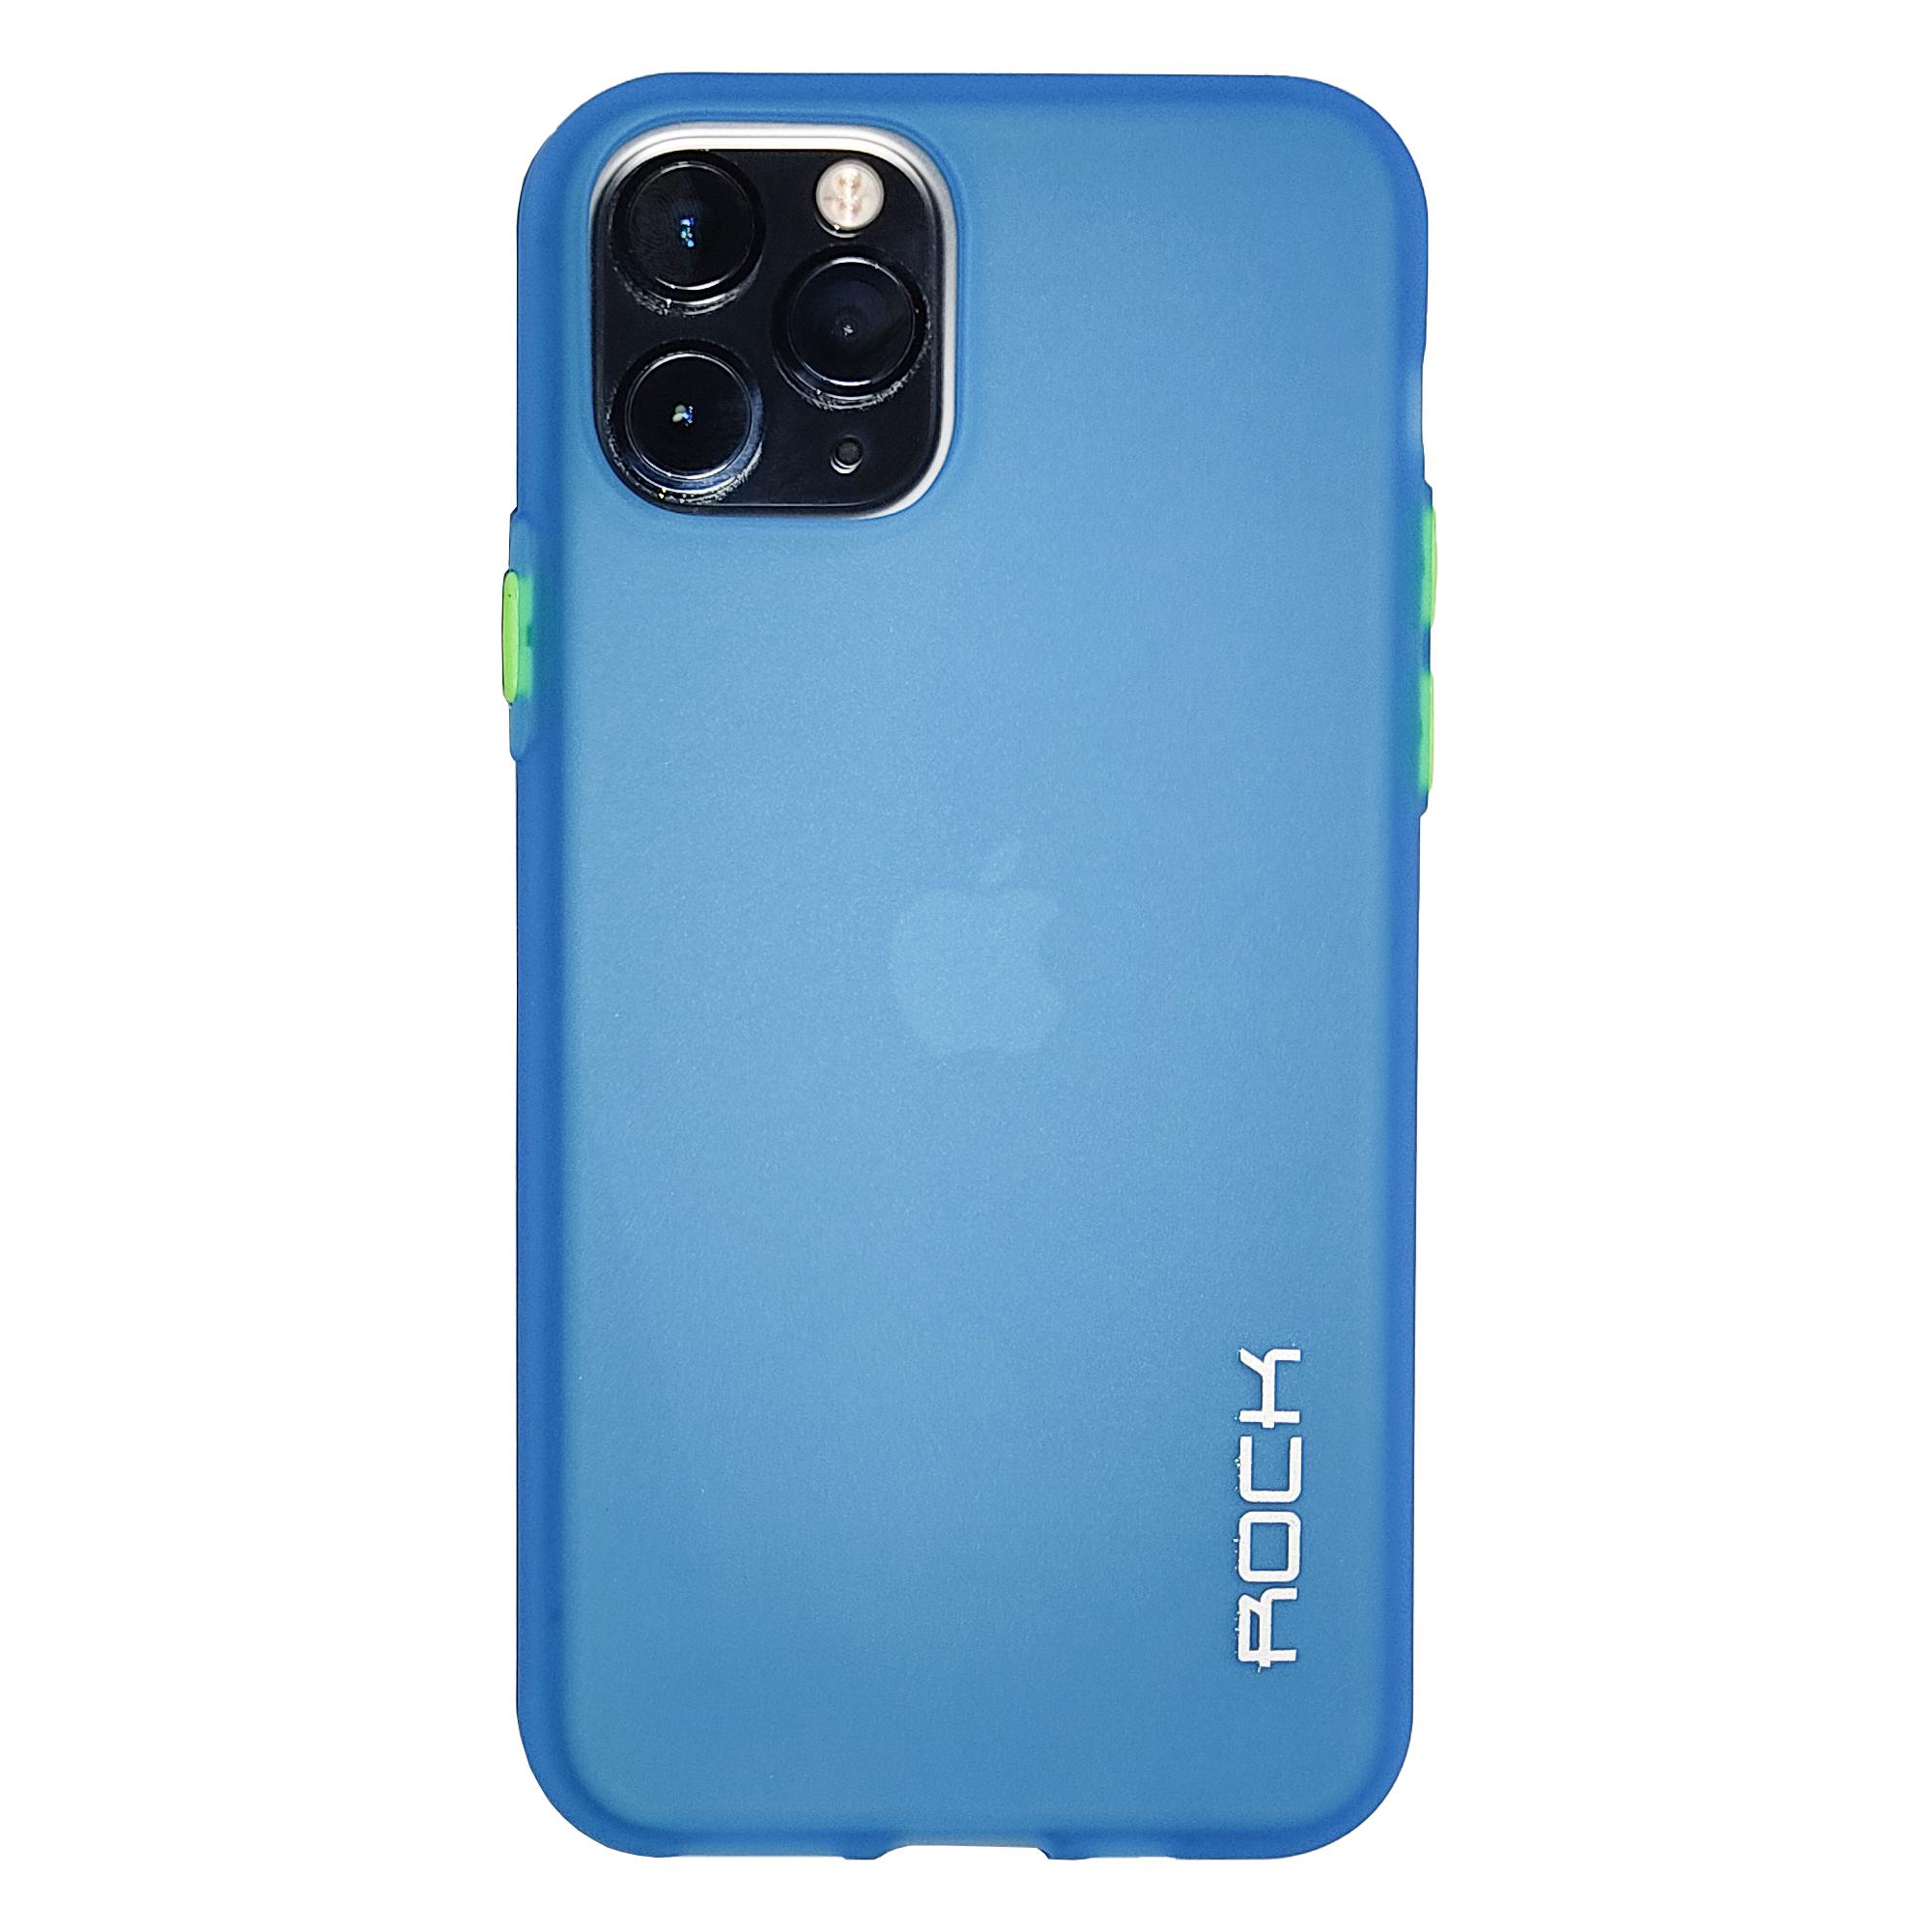 کاور راک مدل SPRT01 مناسب برای گوشی موبایل اپل iPhone 11 Pro thumb 2 7